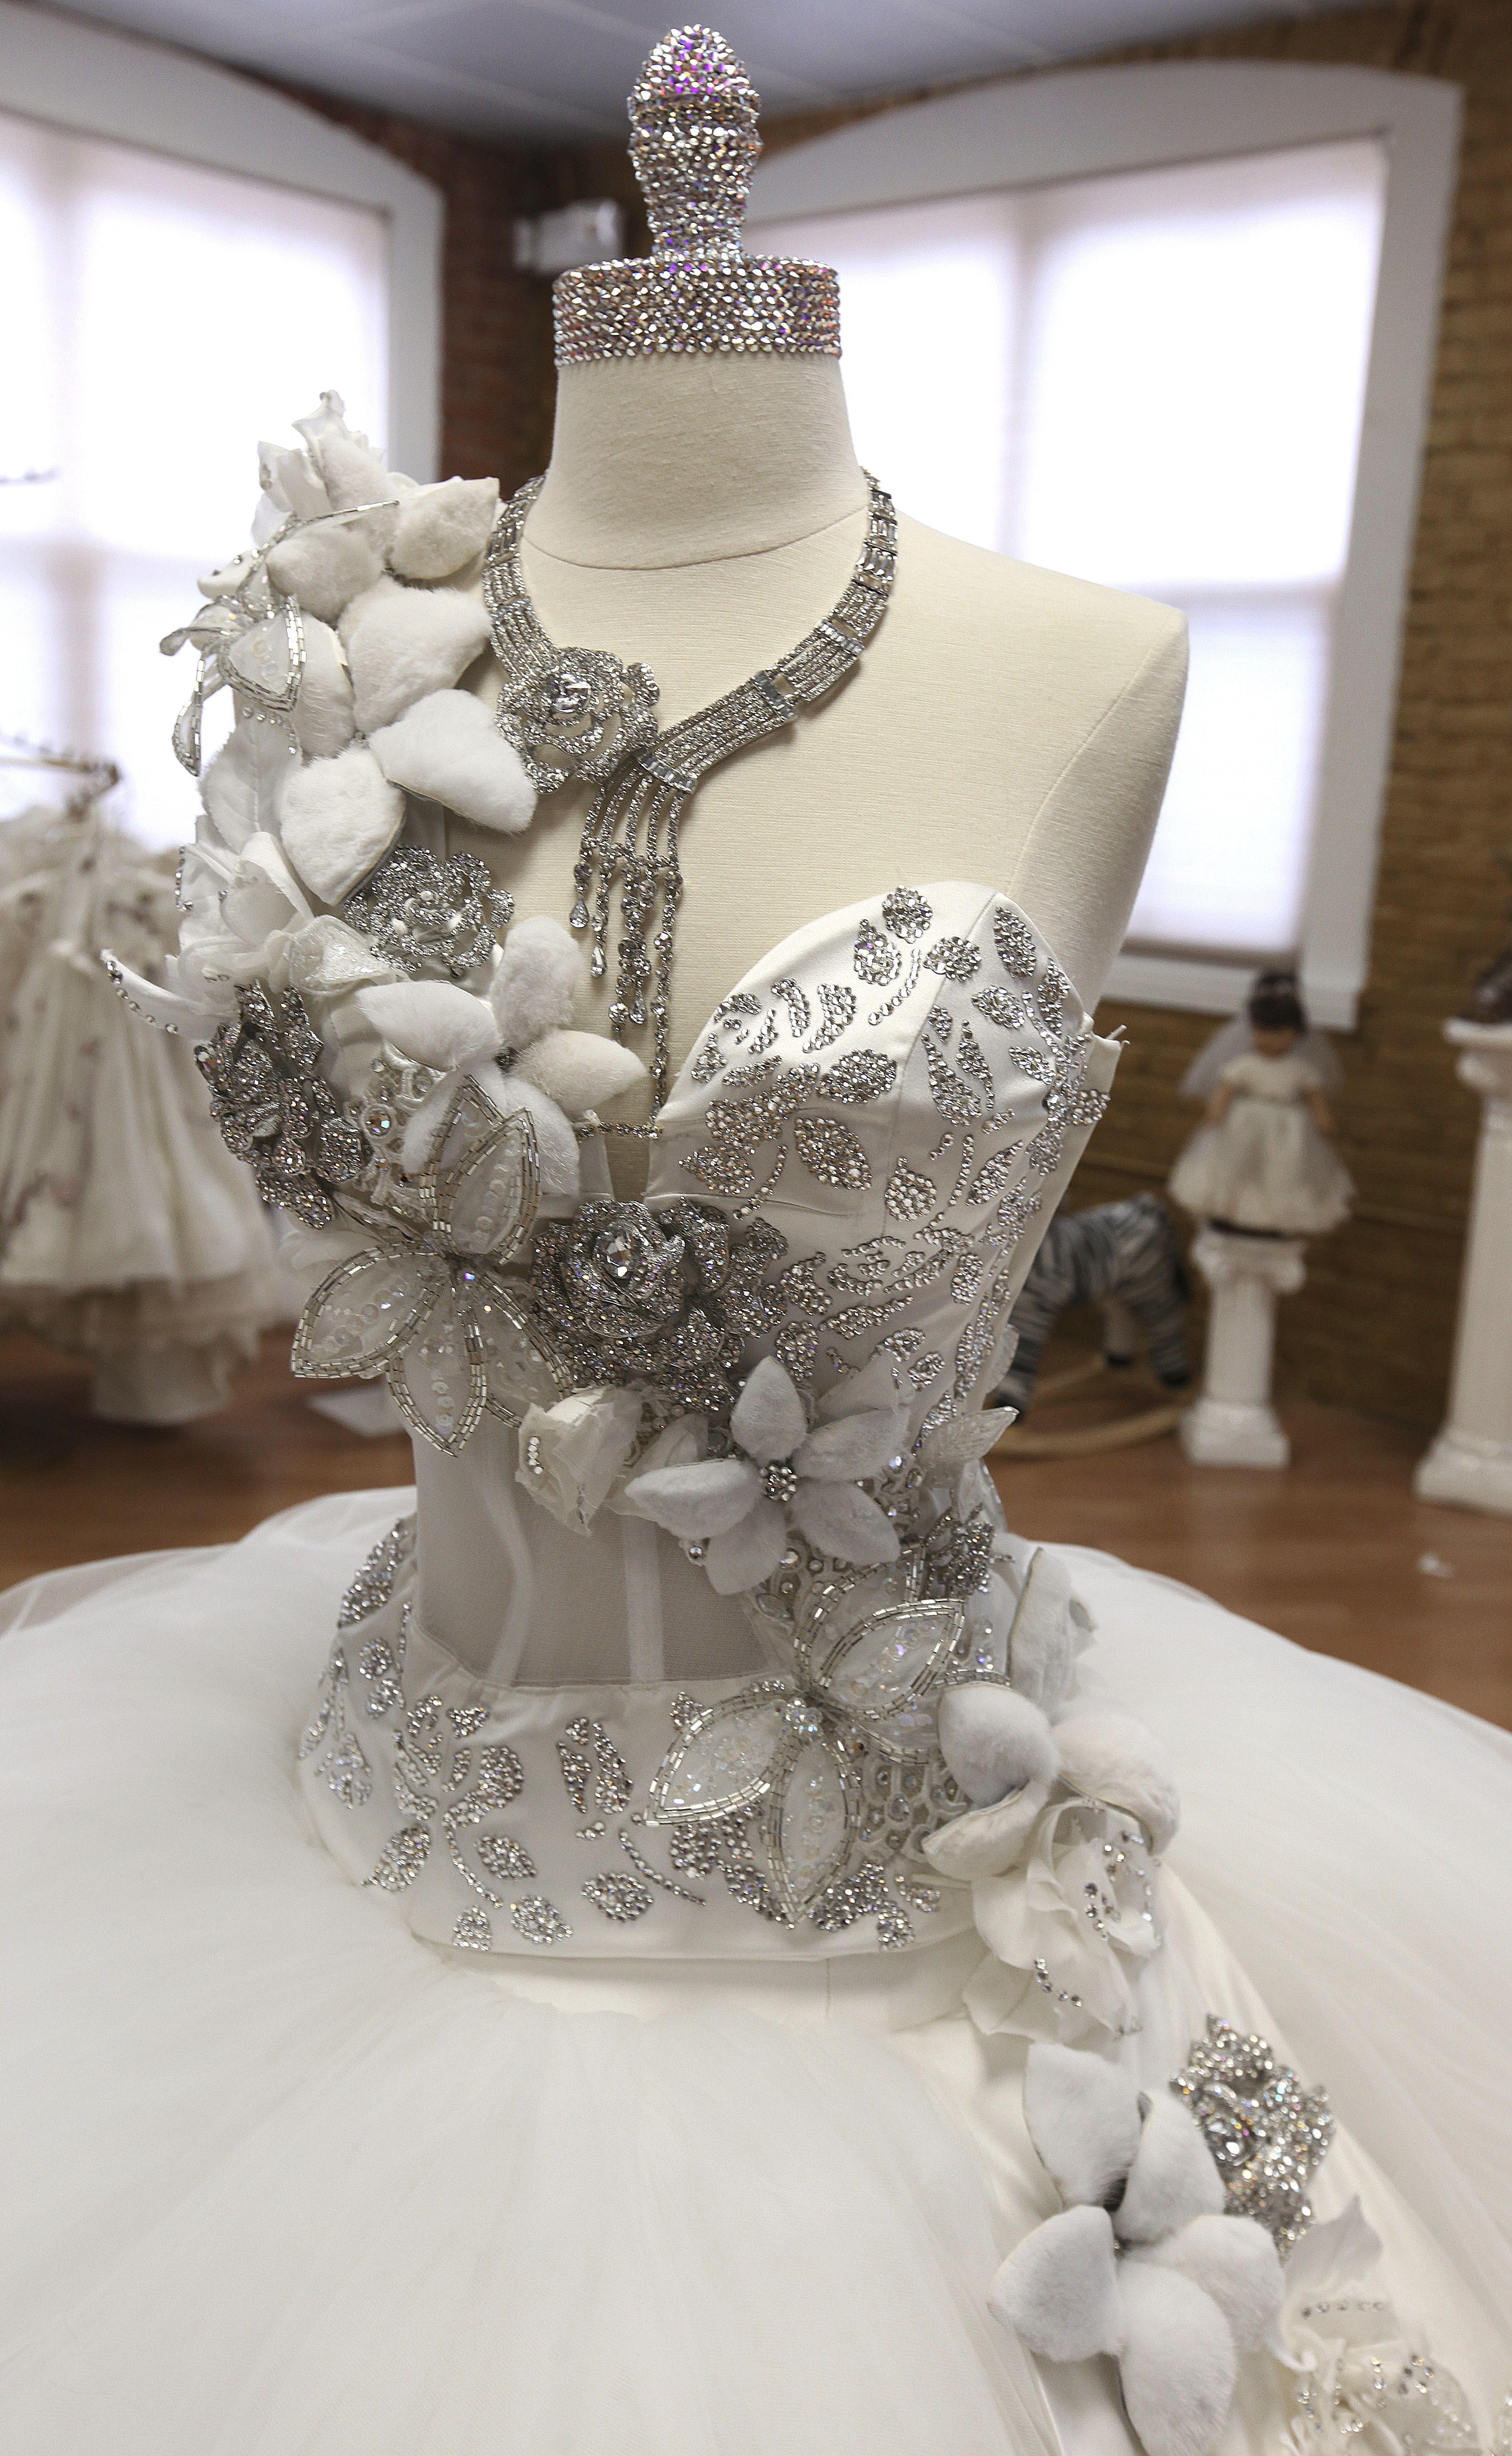 Sondra Celli has found her (sparkly) calling | Brautkleider